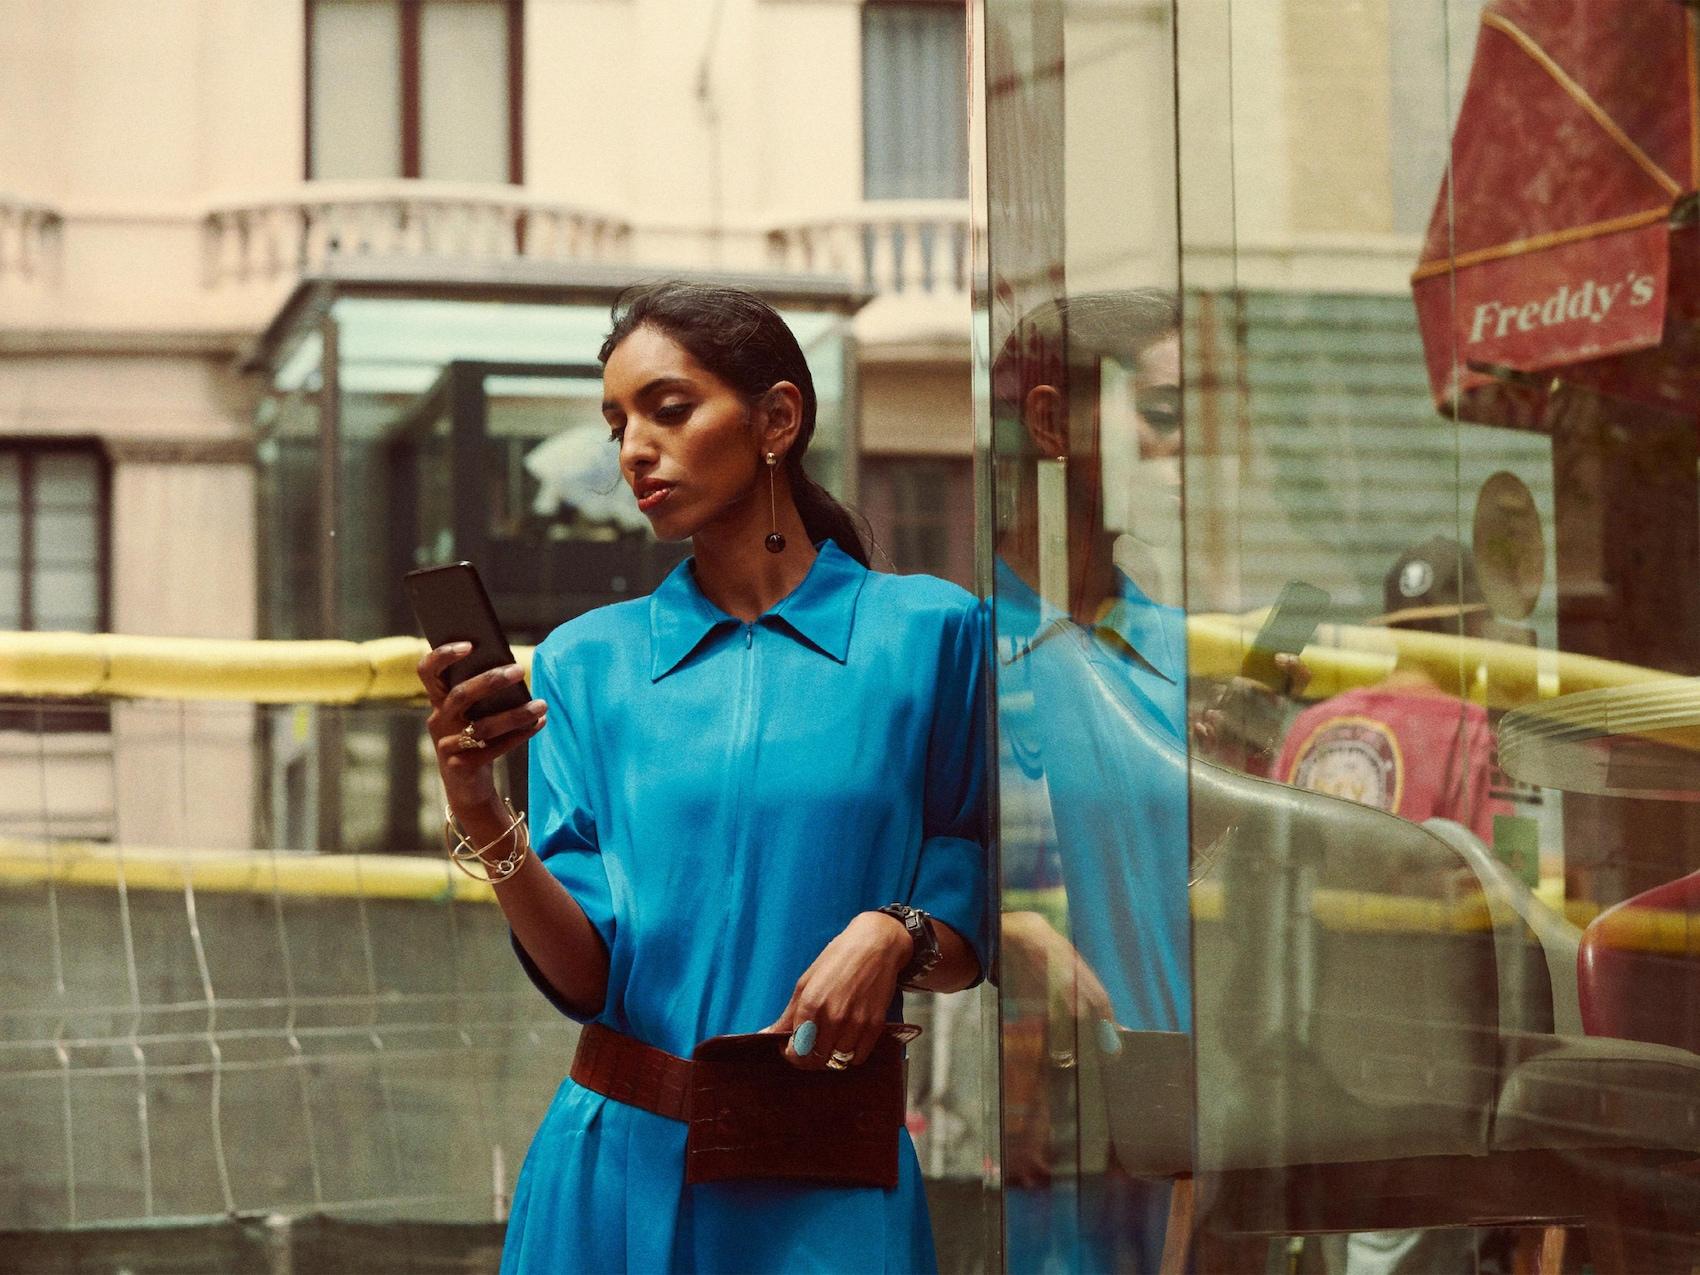 Une femme utilise les services « ready to » sur son téléphone portable.